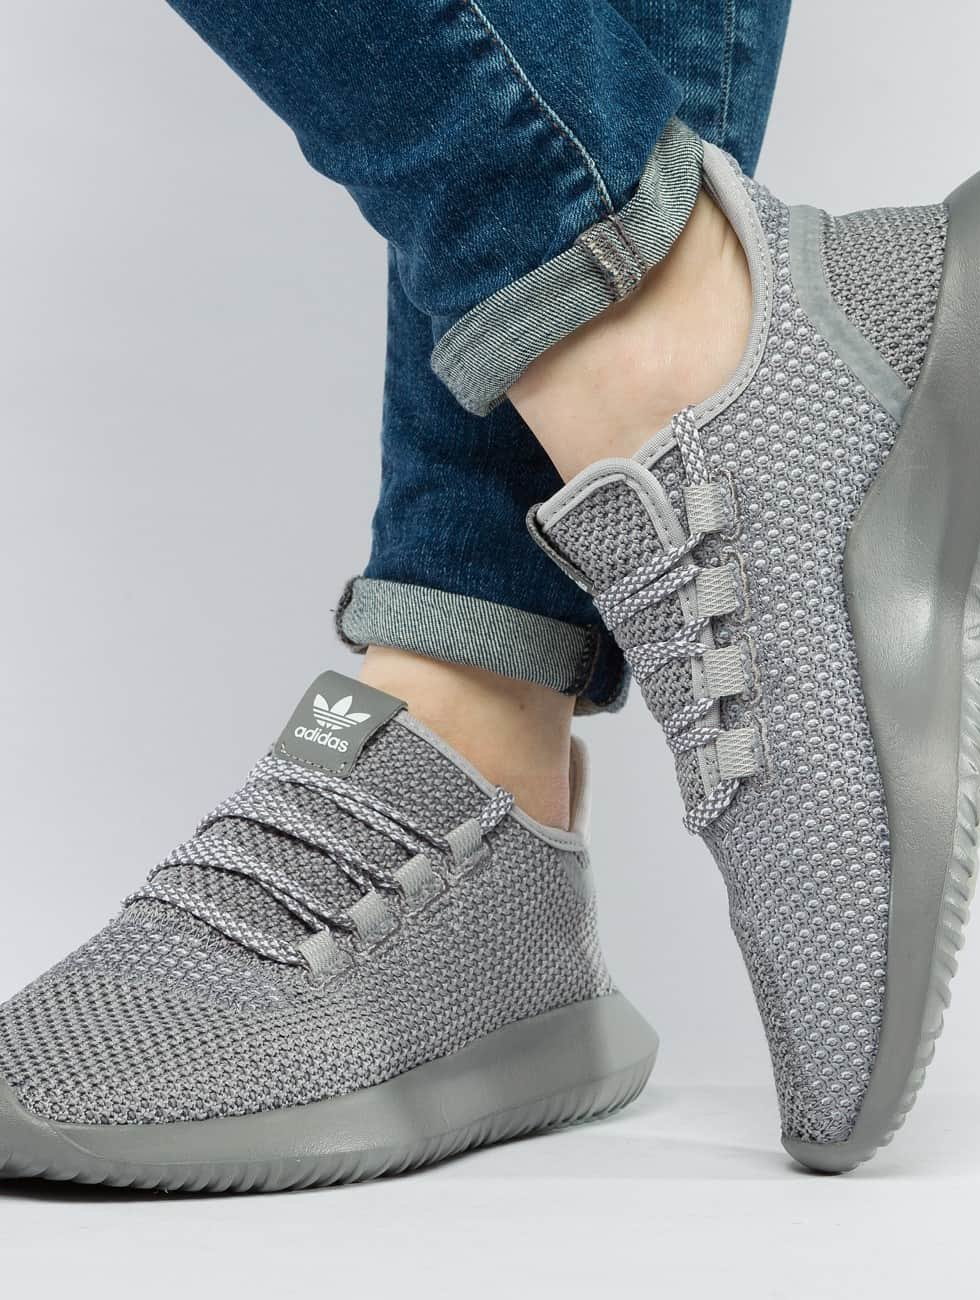 adidas originals schoen / sneaker Tubular Shadow CK in grijs 436266 Laagste Prijs Goedkope Prijs Outlet Met Creditcard kcW1Ezp